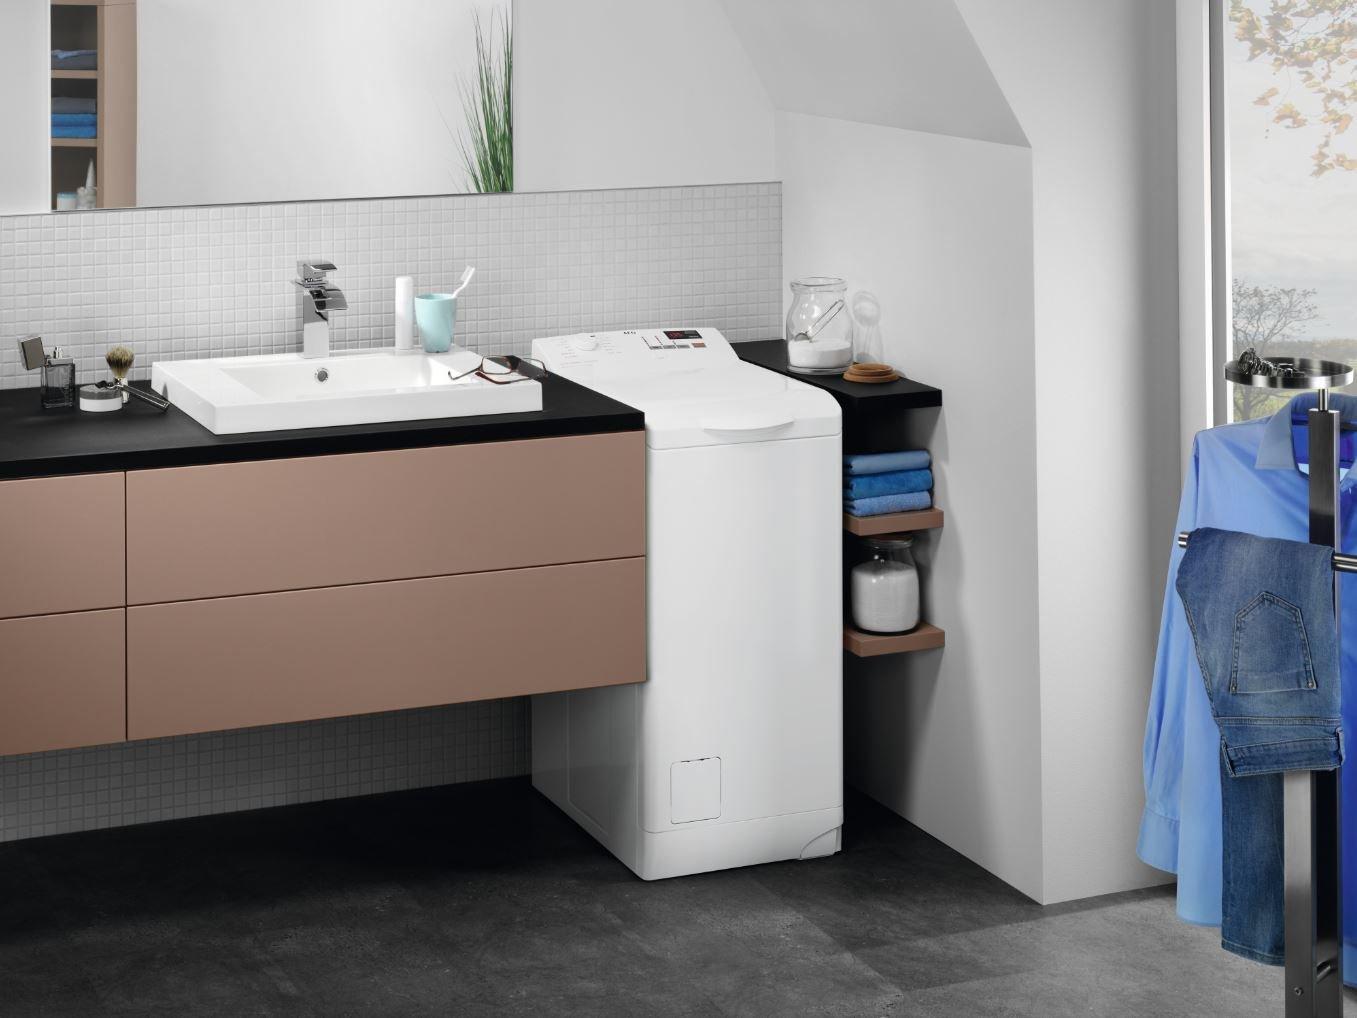 AEG-L6TB40260-Waschmaschine-Toplader-60-kg-Mengenautomatik-Nachlegefunktion-Kindersicherung-Wasserstopp-1200-Umin